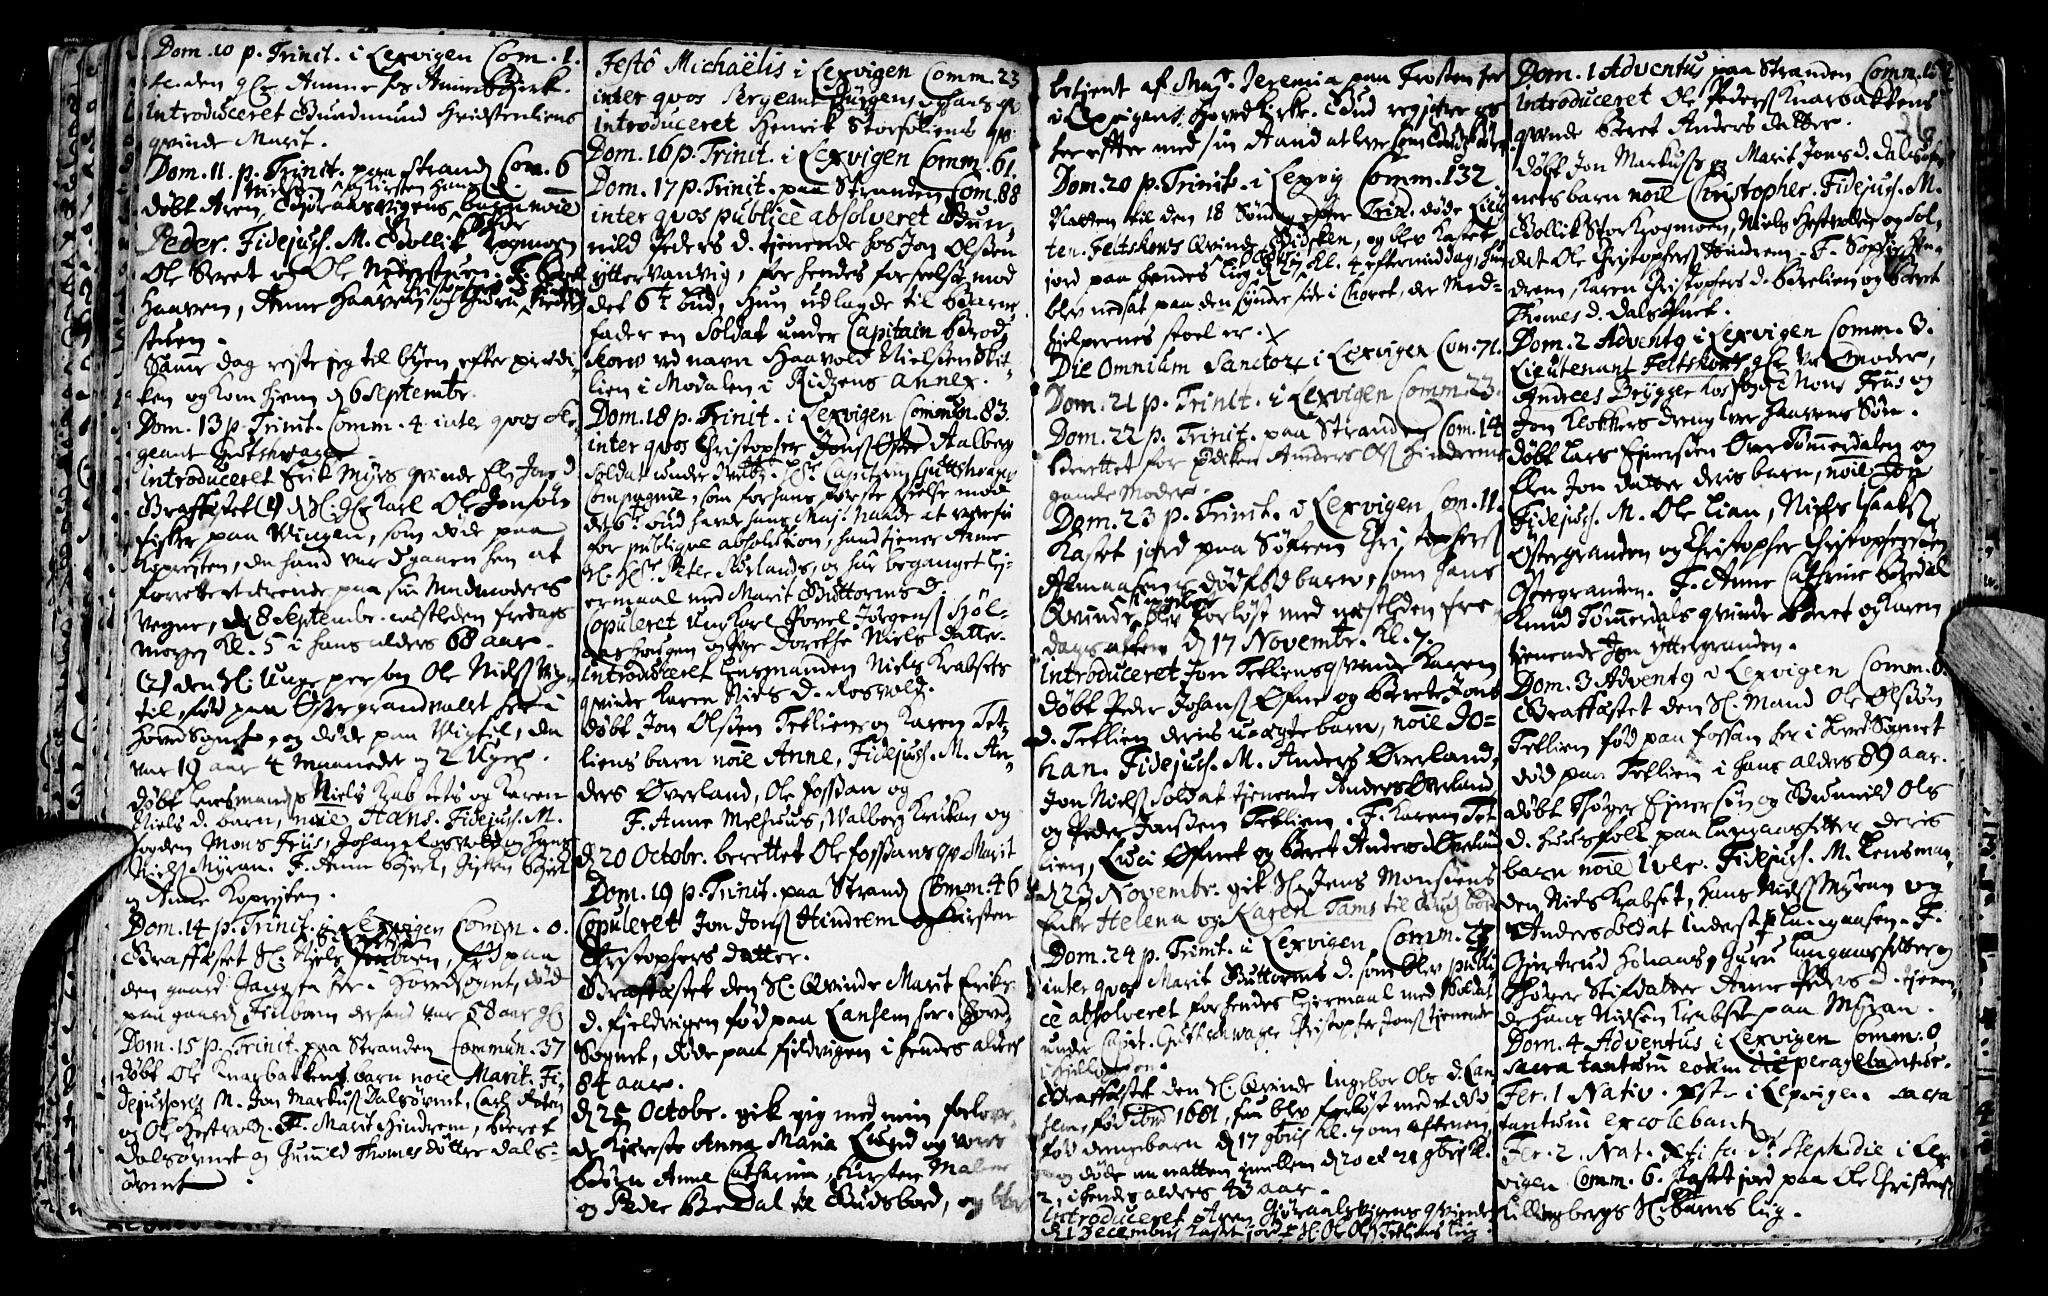 SAT, Ministerialprotokoller, klokkerbøker og fødselsregistre - Nord-Trøndelag, 701/L0001: Ministerialbok nr. 701A01, 1717-1731, s. 26